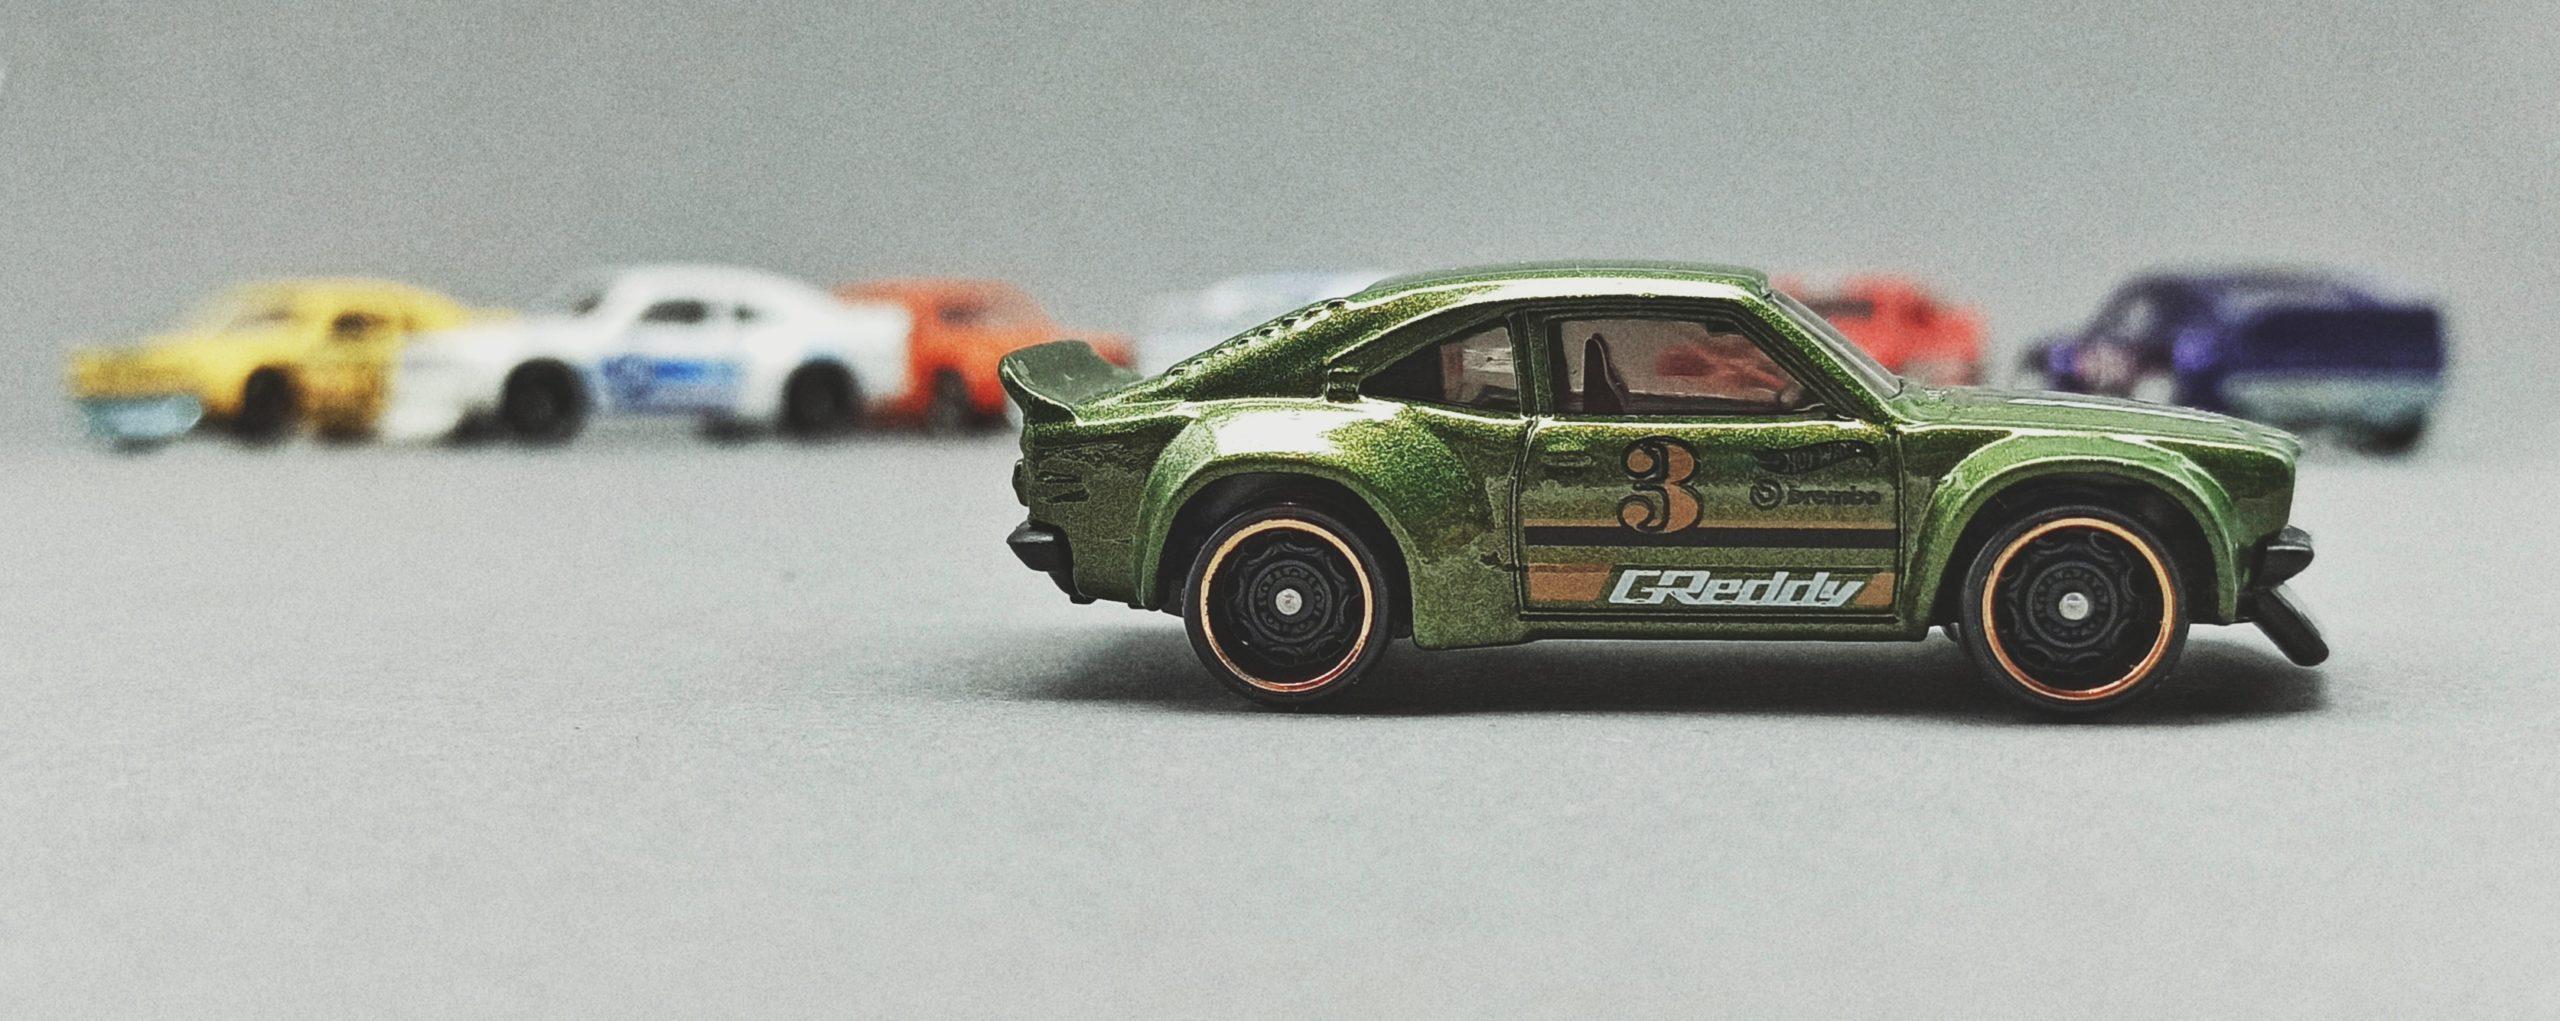 Hot Wheels Mazda RX-3 Collection 2020 (243/250) Nightburnerz (8/10), metalflake dark green (GHD17)